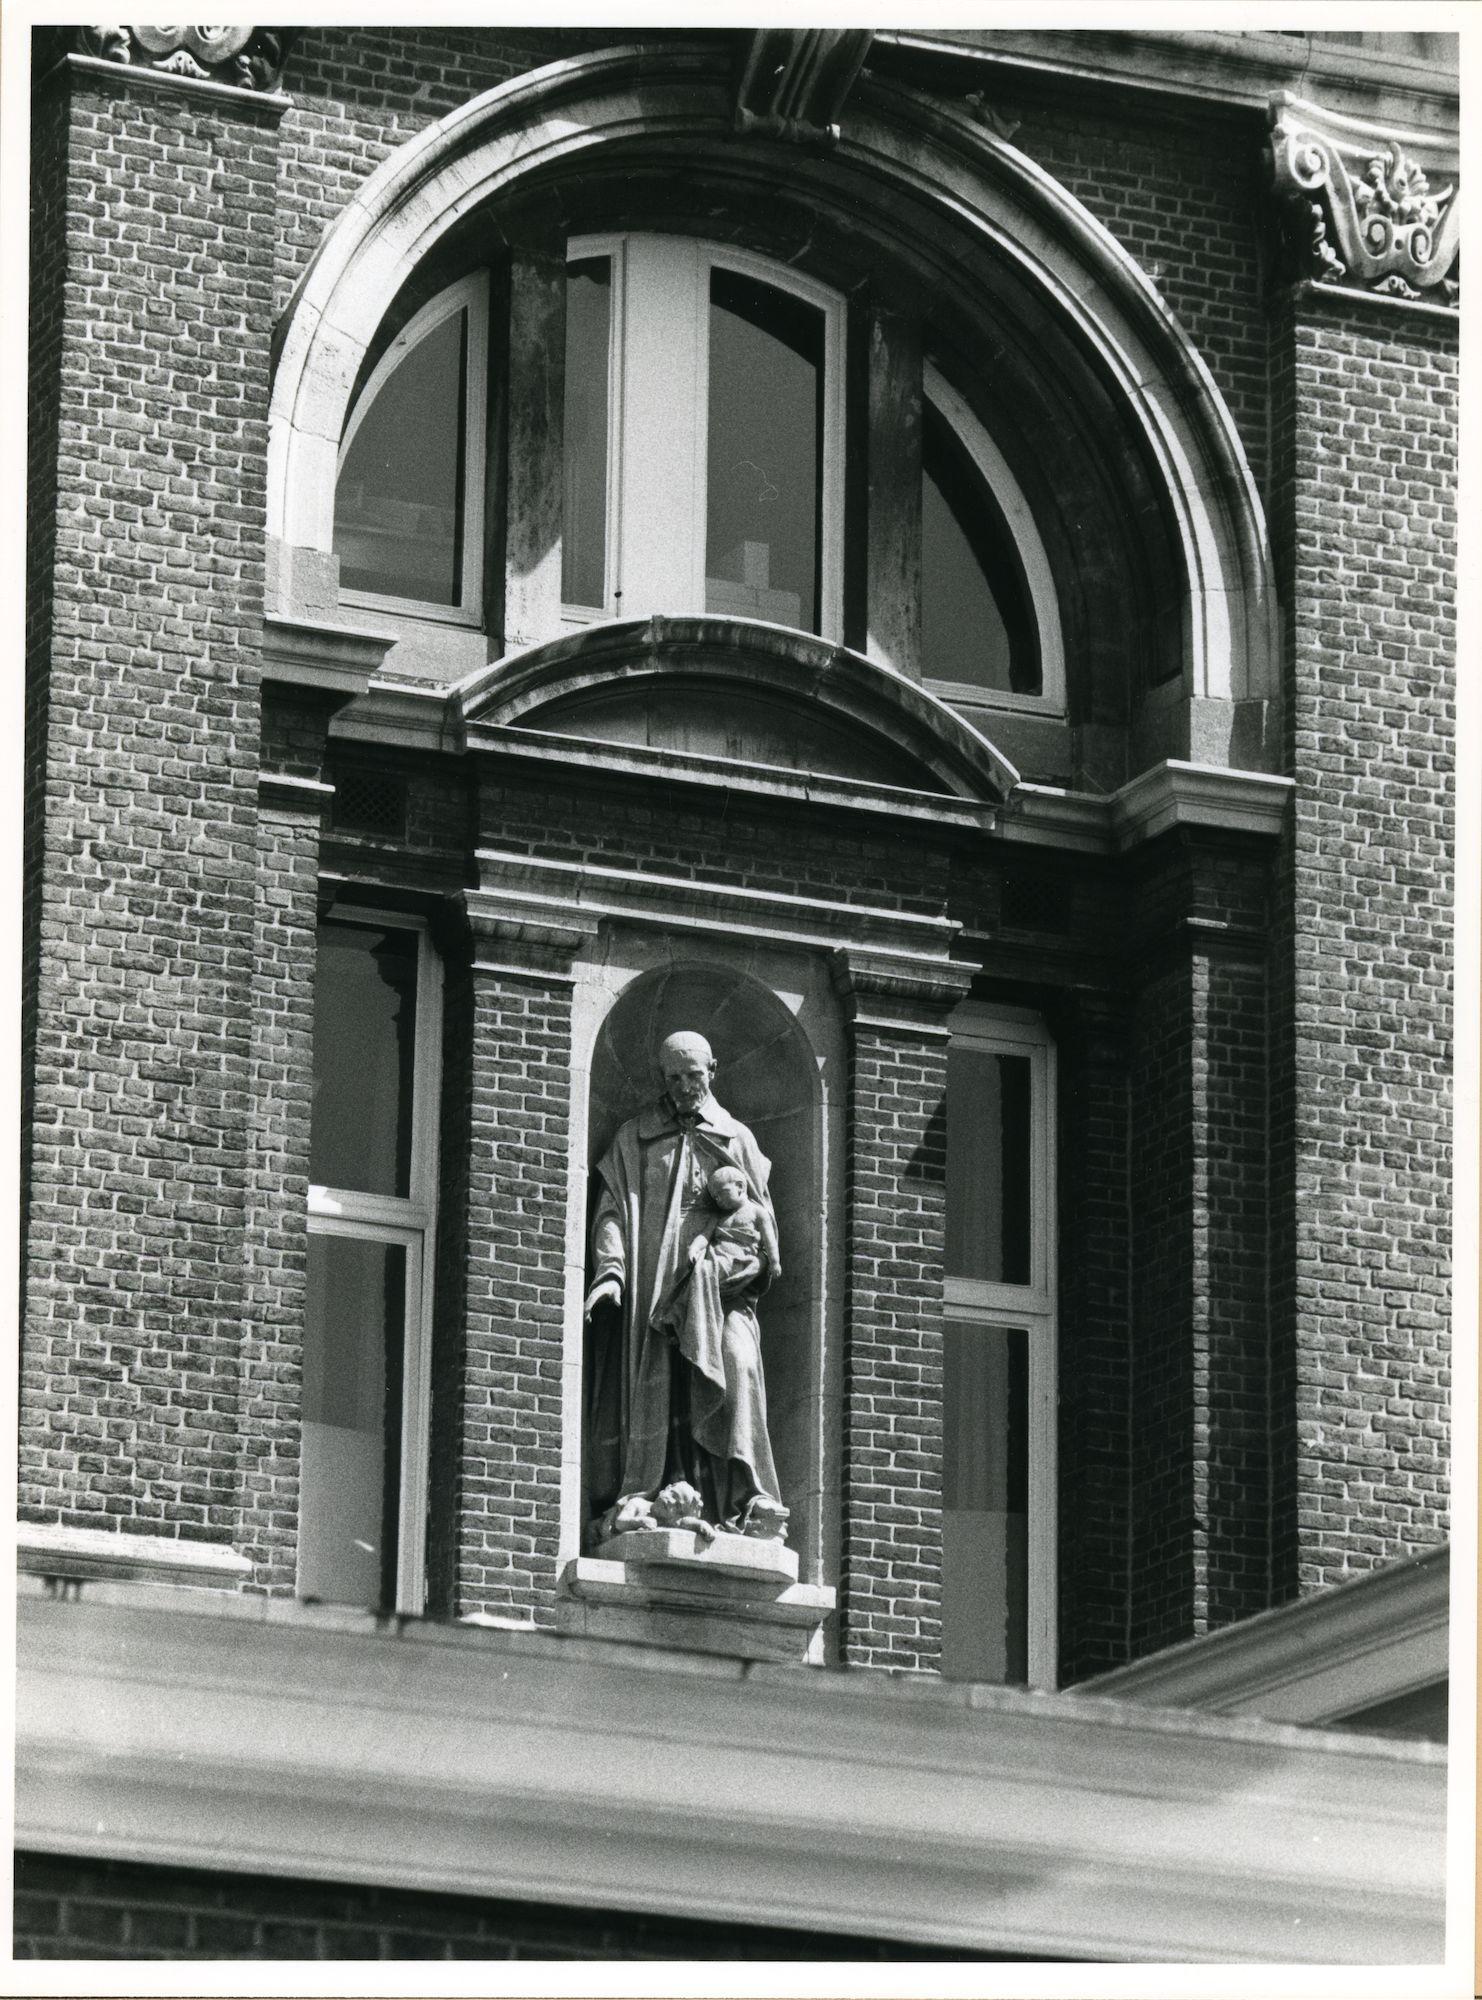 Gent: Stropstraat 119: Gevelbeeld, 1980